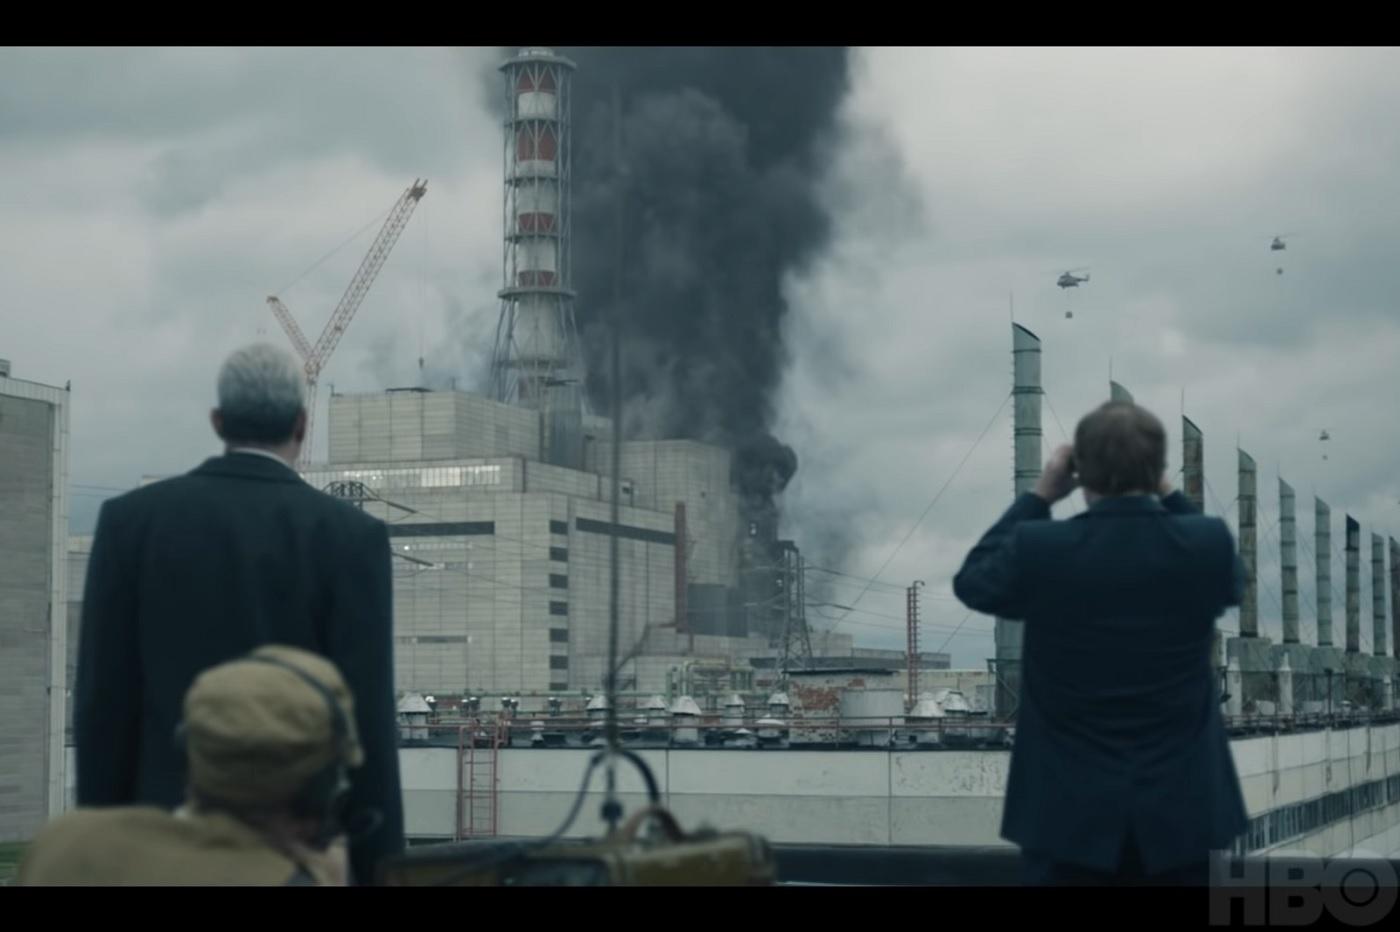 La série Chernobyl